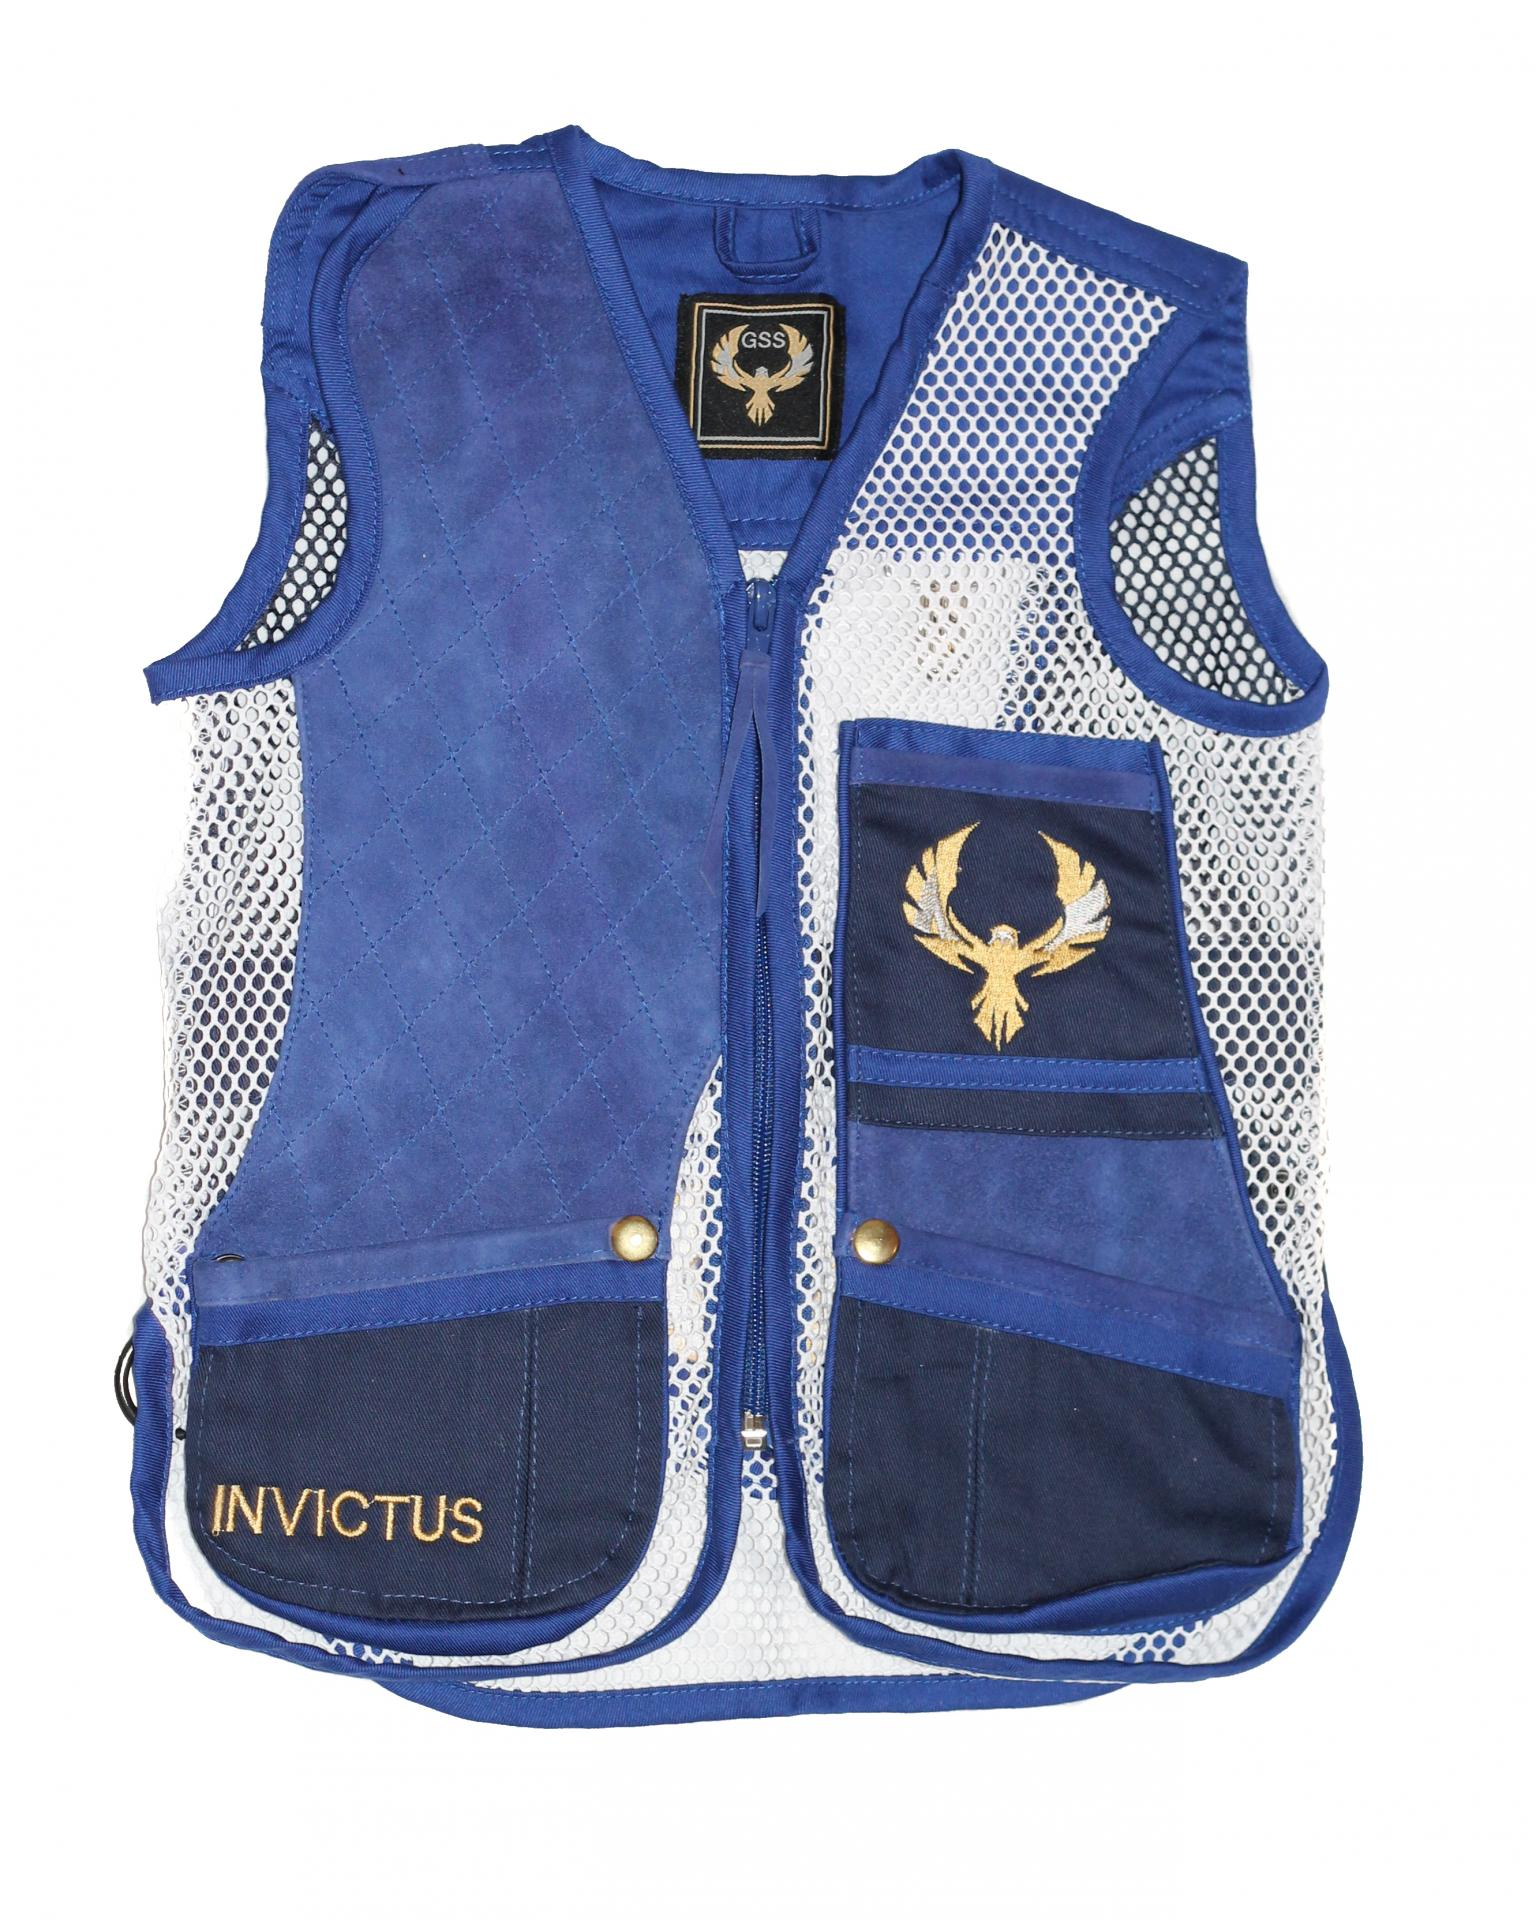 Mini chaleco GSS INVICTUS (Azul y Blanco)